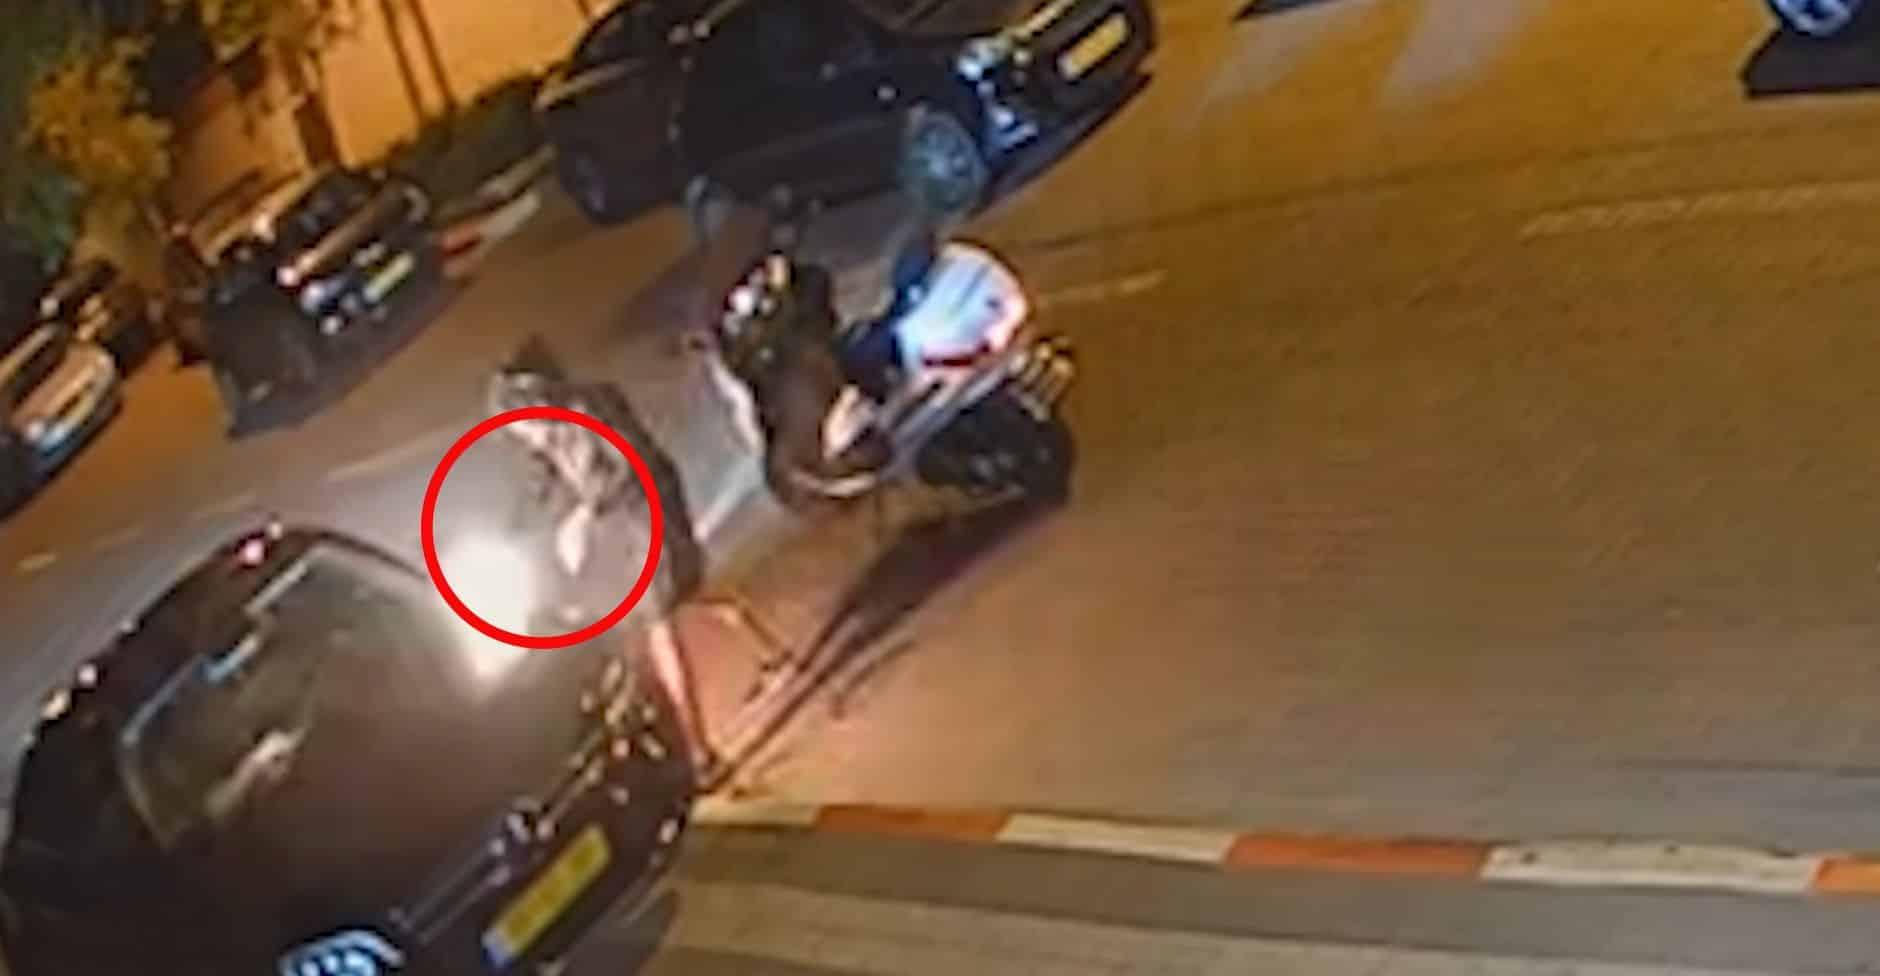 הצתת אחד הרכבים- צילום דוברות משטרת ישראל